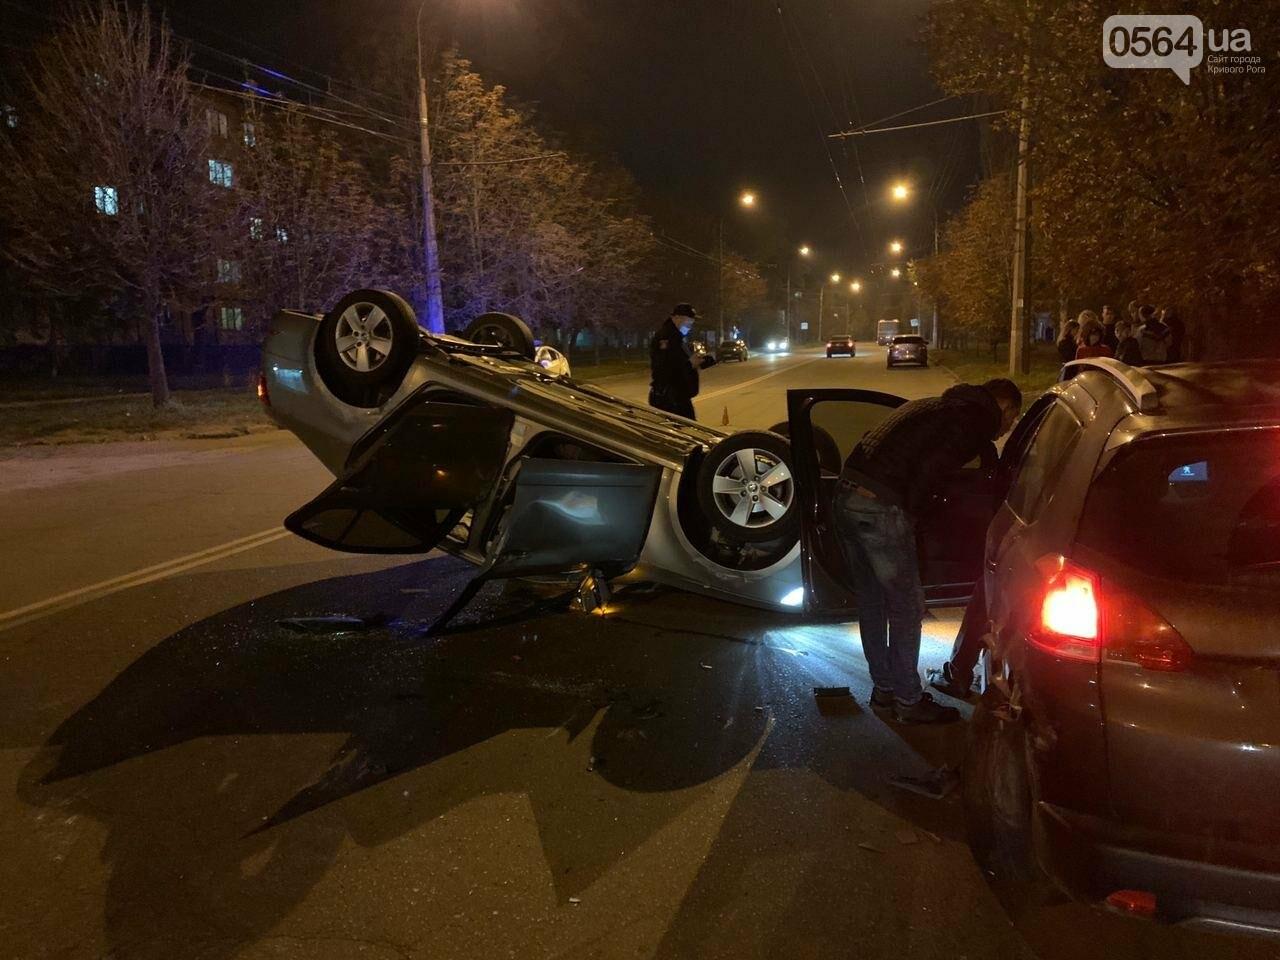 """В Кривом Роге """"Skoda"""" влетела в припаркованный автомобиль """"Peugeot"""" и перевернулась на крышу, - ФОТО, ИСПРАВЛЕНО, фото-7"""